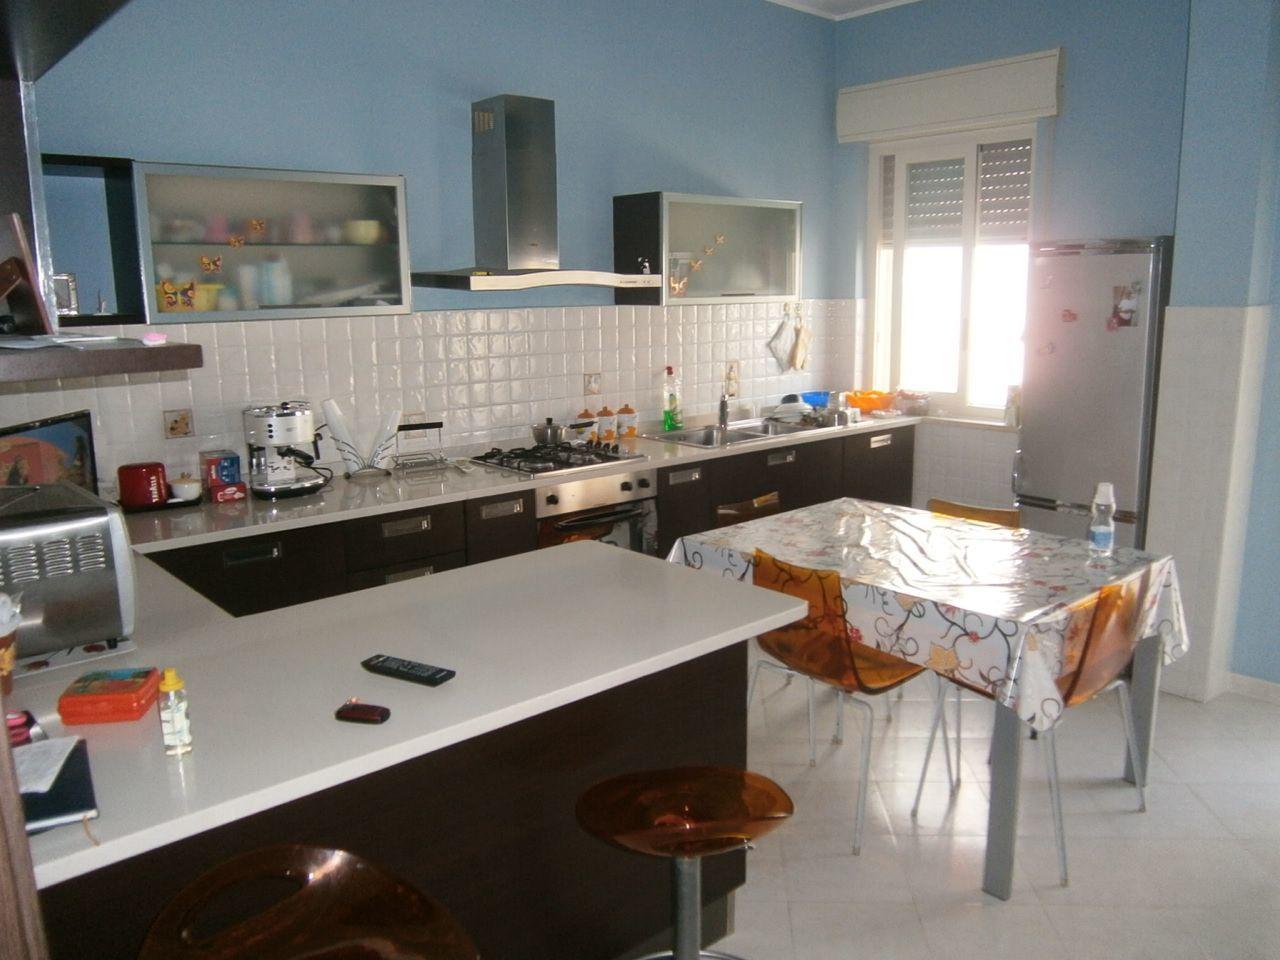 Appartamento - Quadrilocale a Villaggio Miano, Siracusa